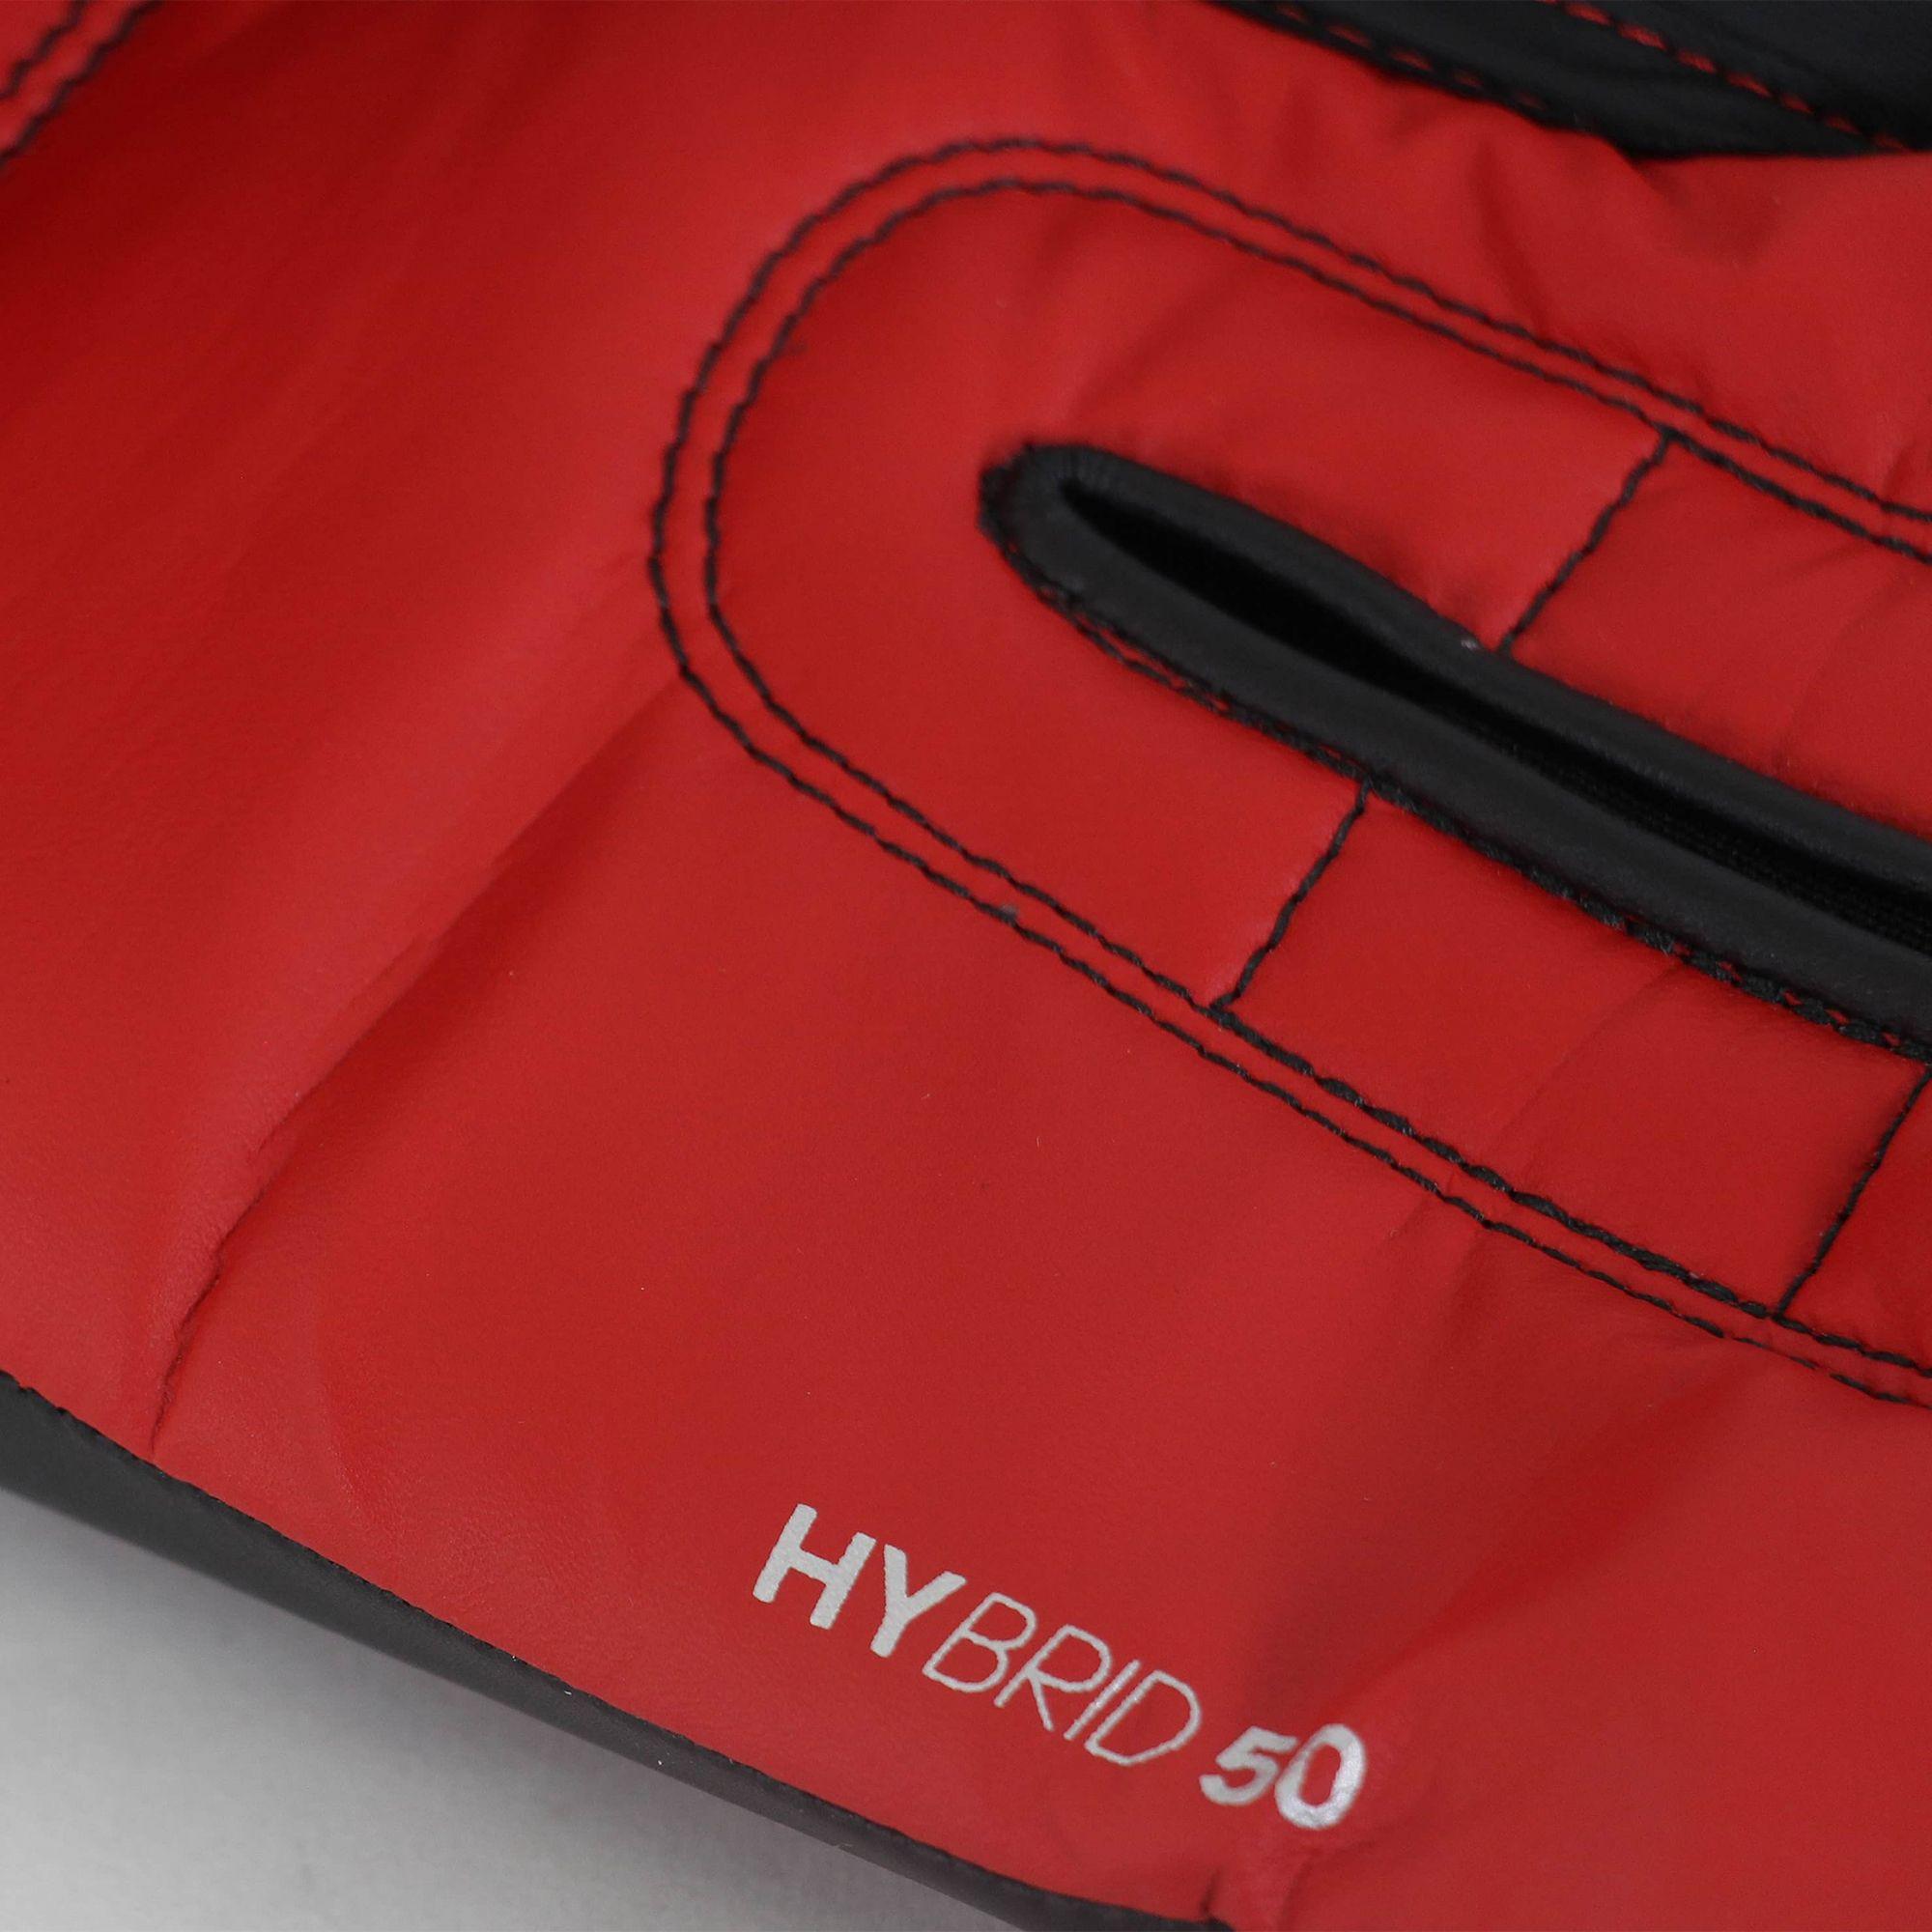 Luva de Boxe Muay Thai adidas Hybrid 50 Preta/Vermelha